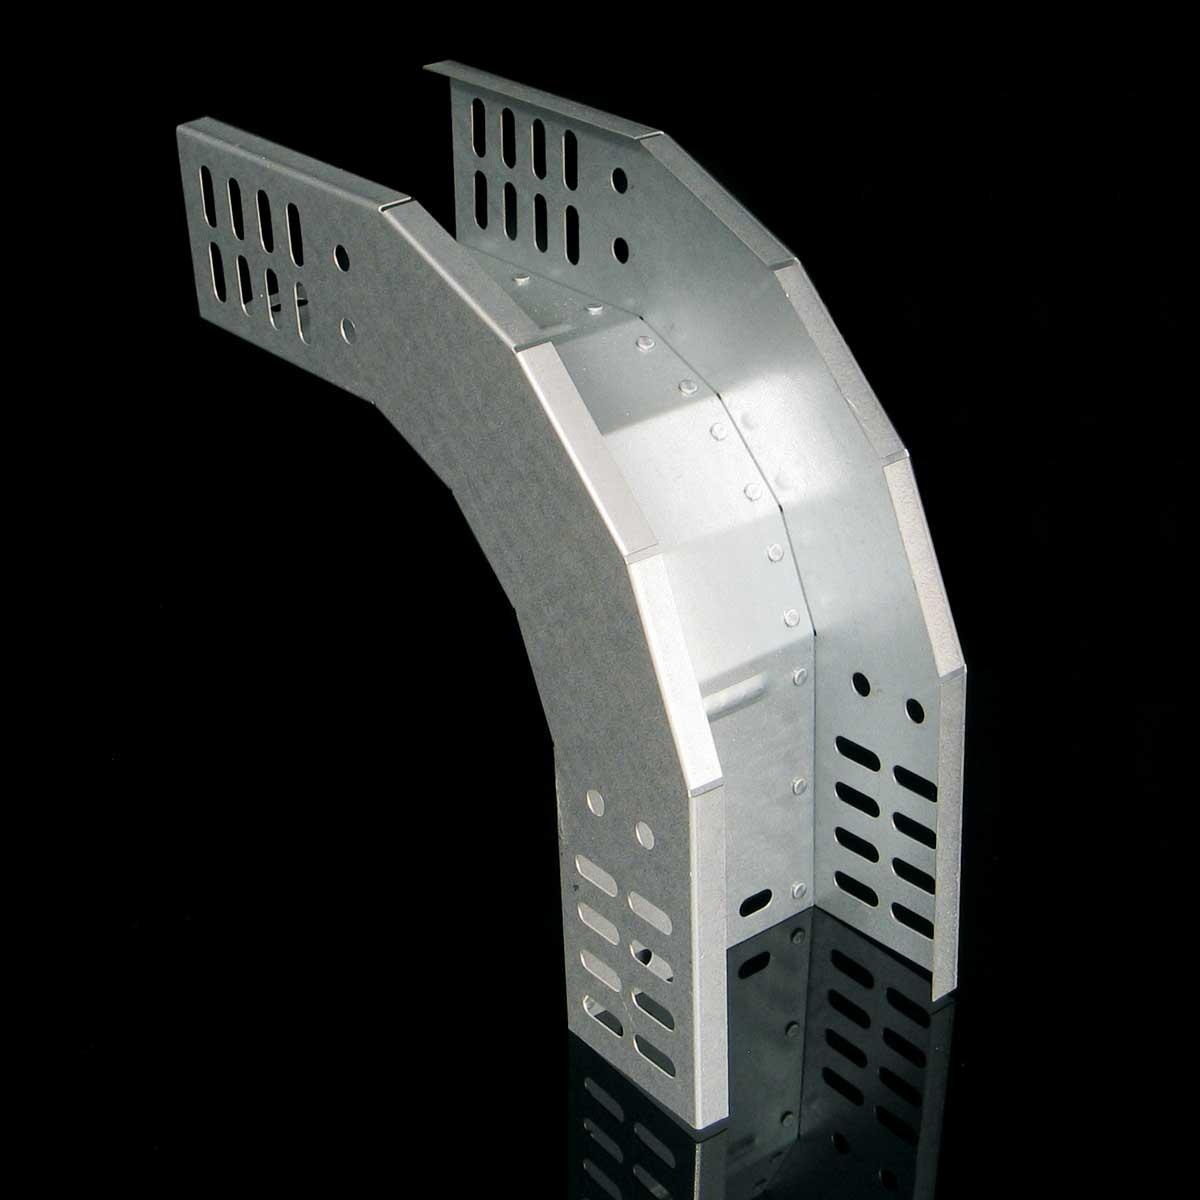 Поворот вертикальний зовнішній 90 для лотка JUPITER; розміри-85x300x270mm Товщ. метал-1 Вага-1,26кг/м